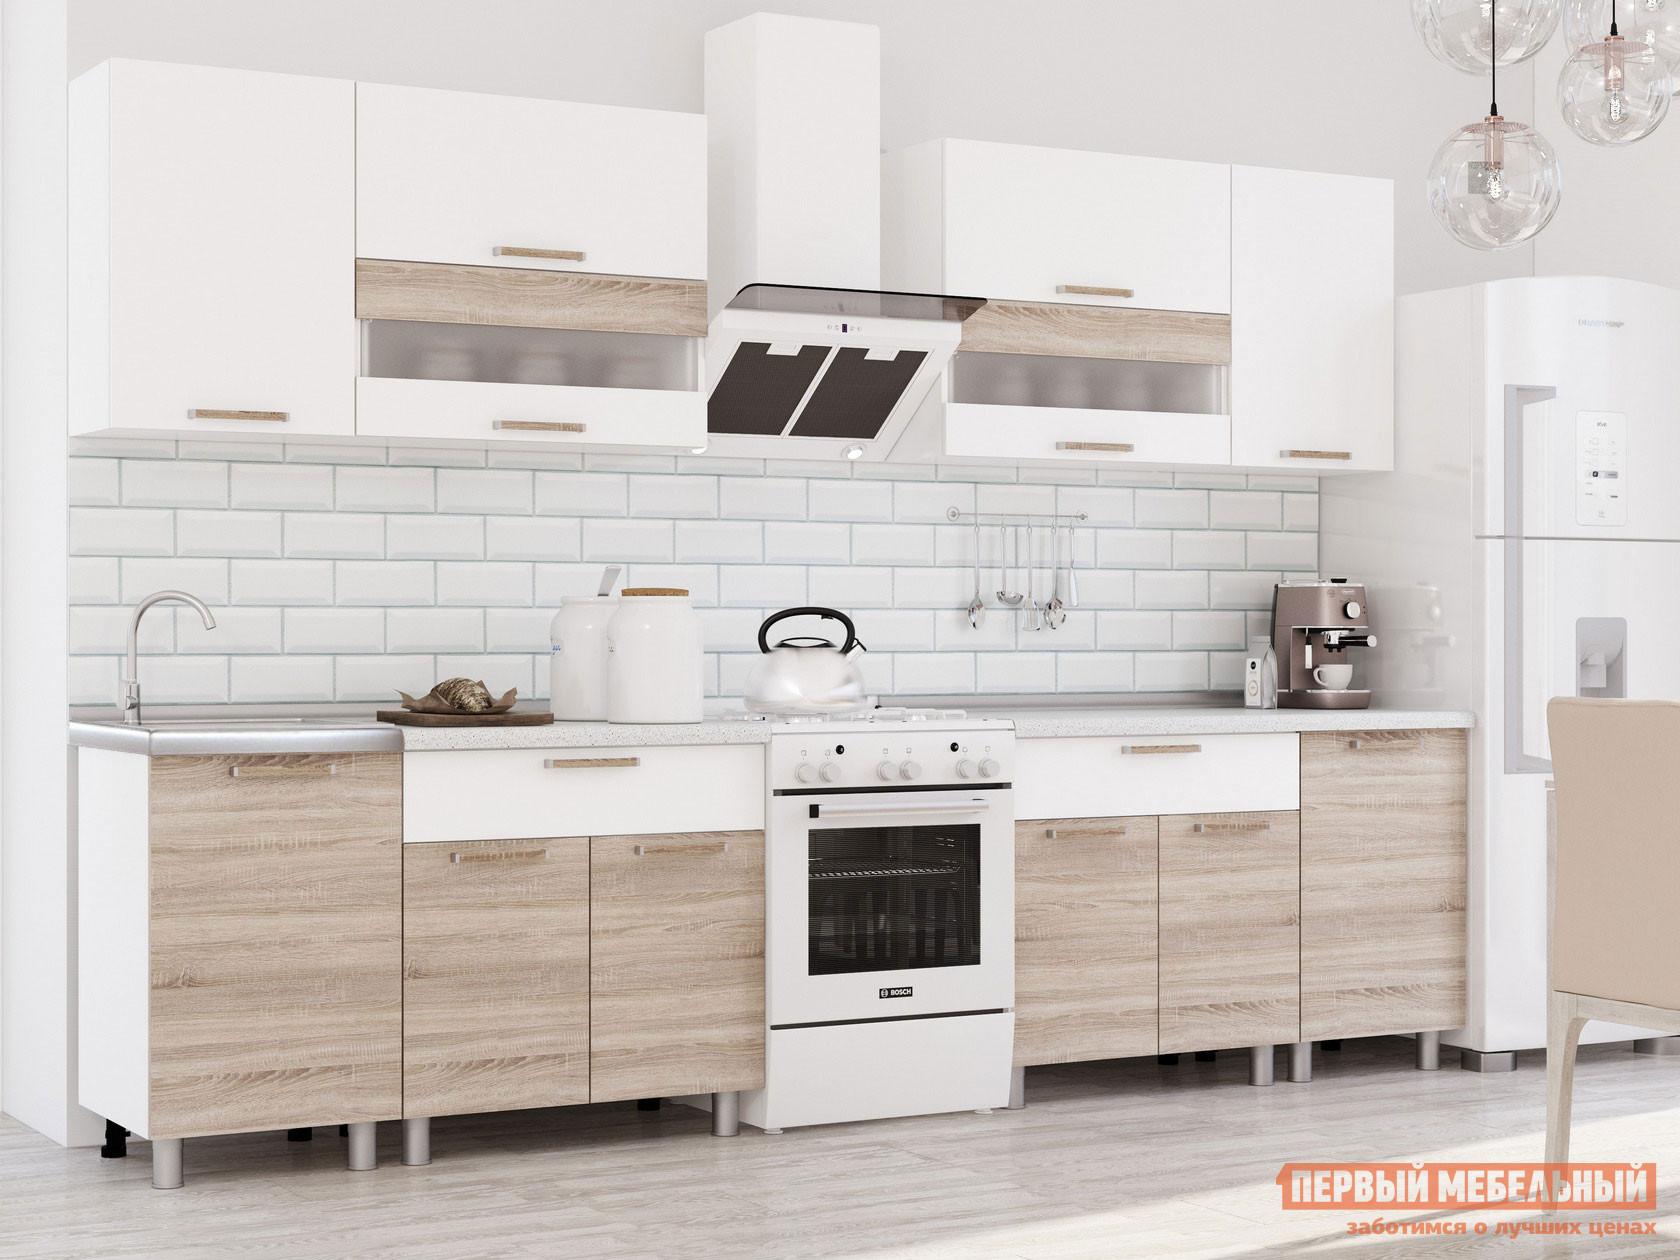 Кухонный гарнитур Первый Мебельный Айсберри